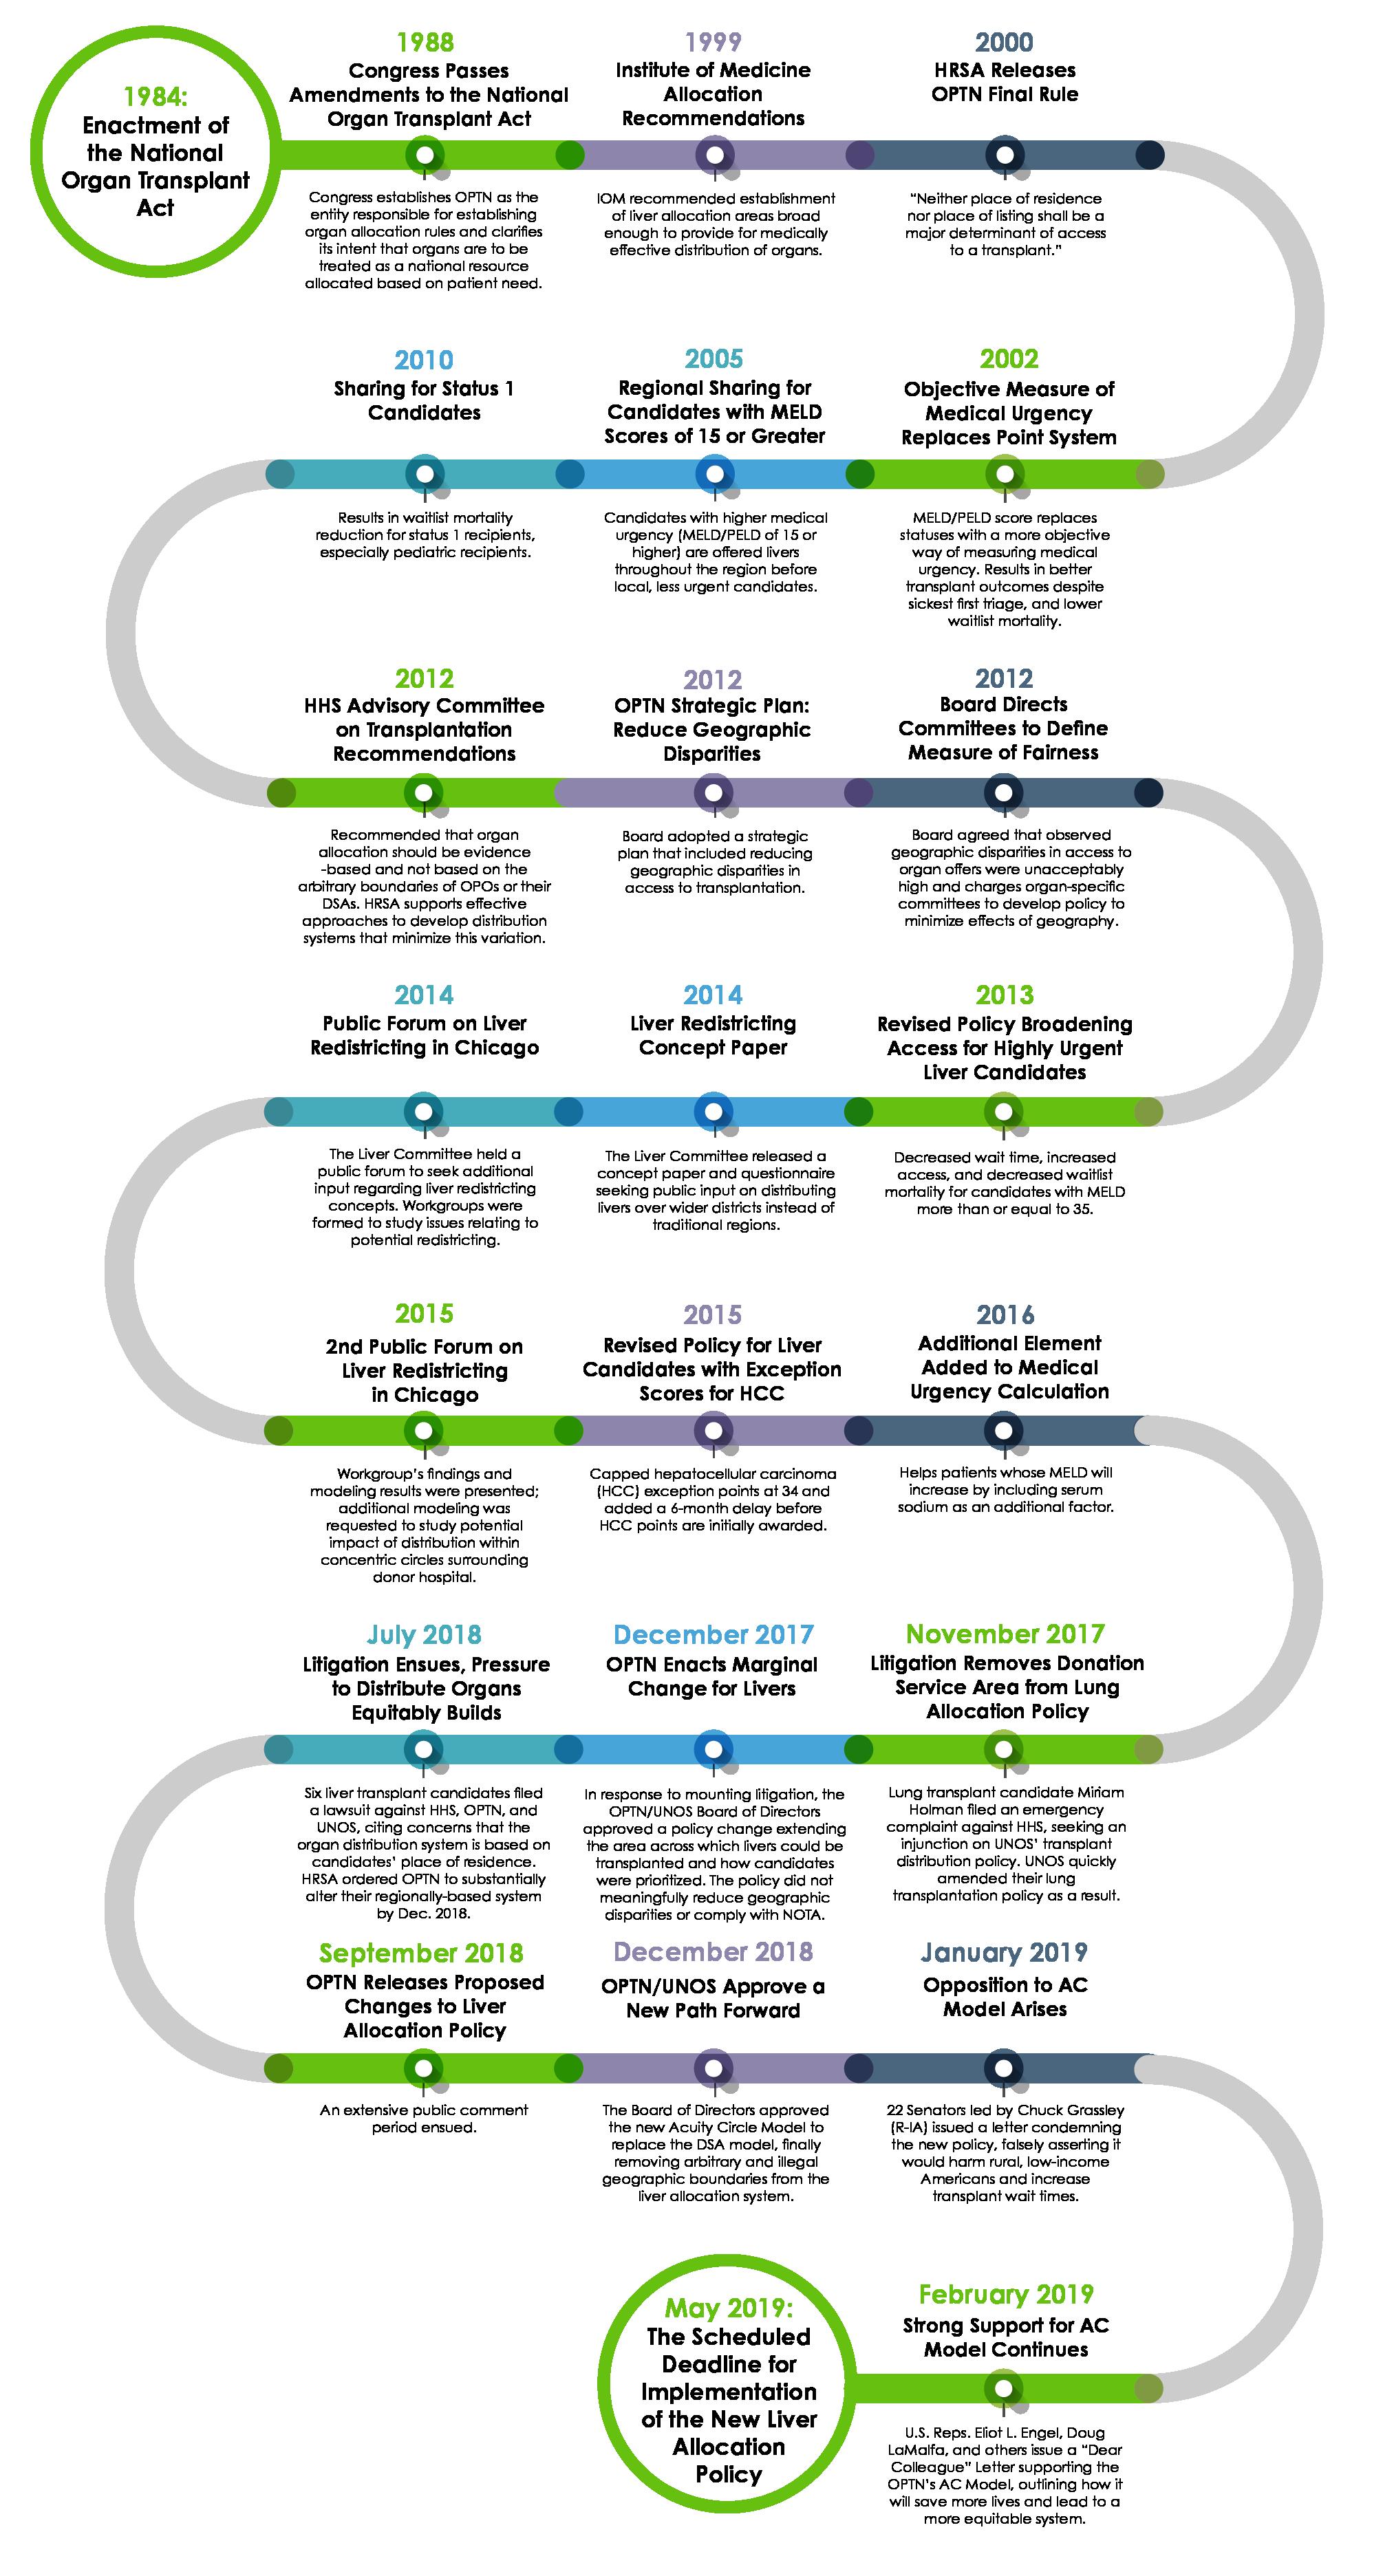 NCTE Timeline-02.png